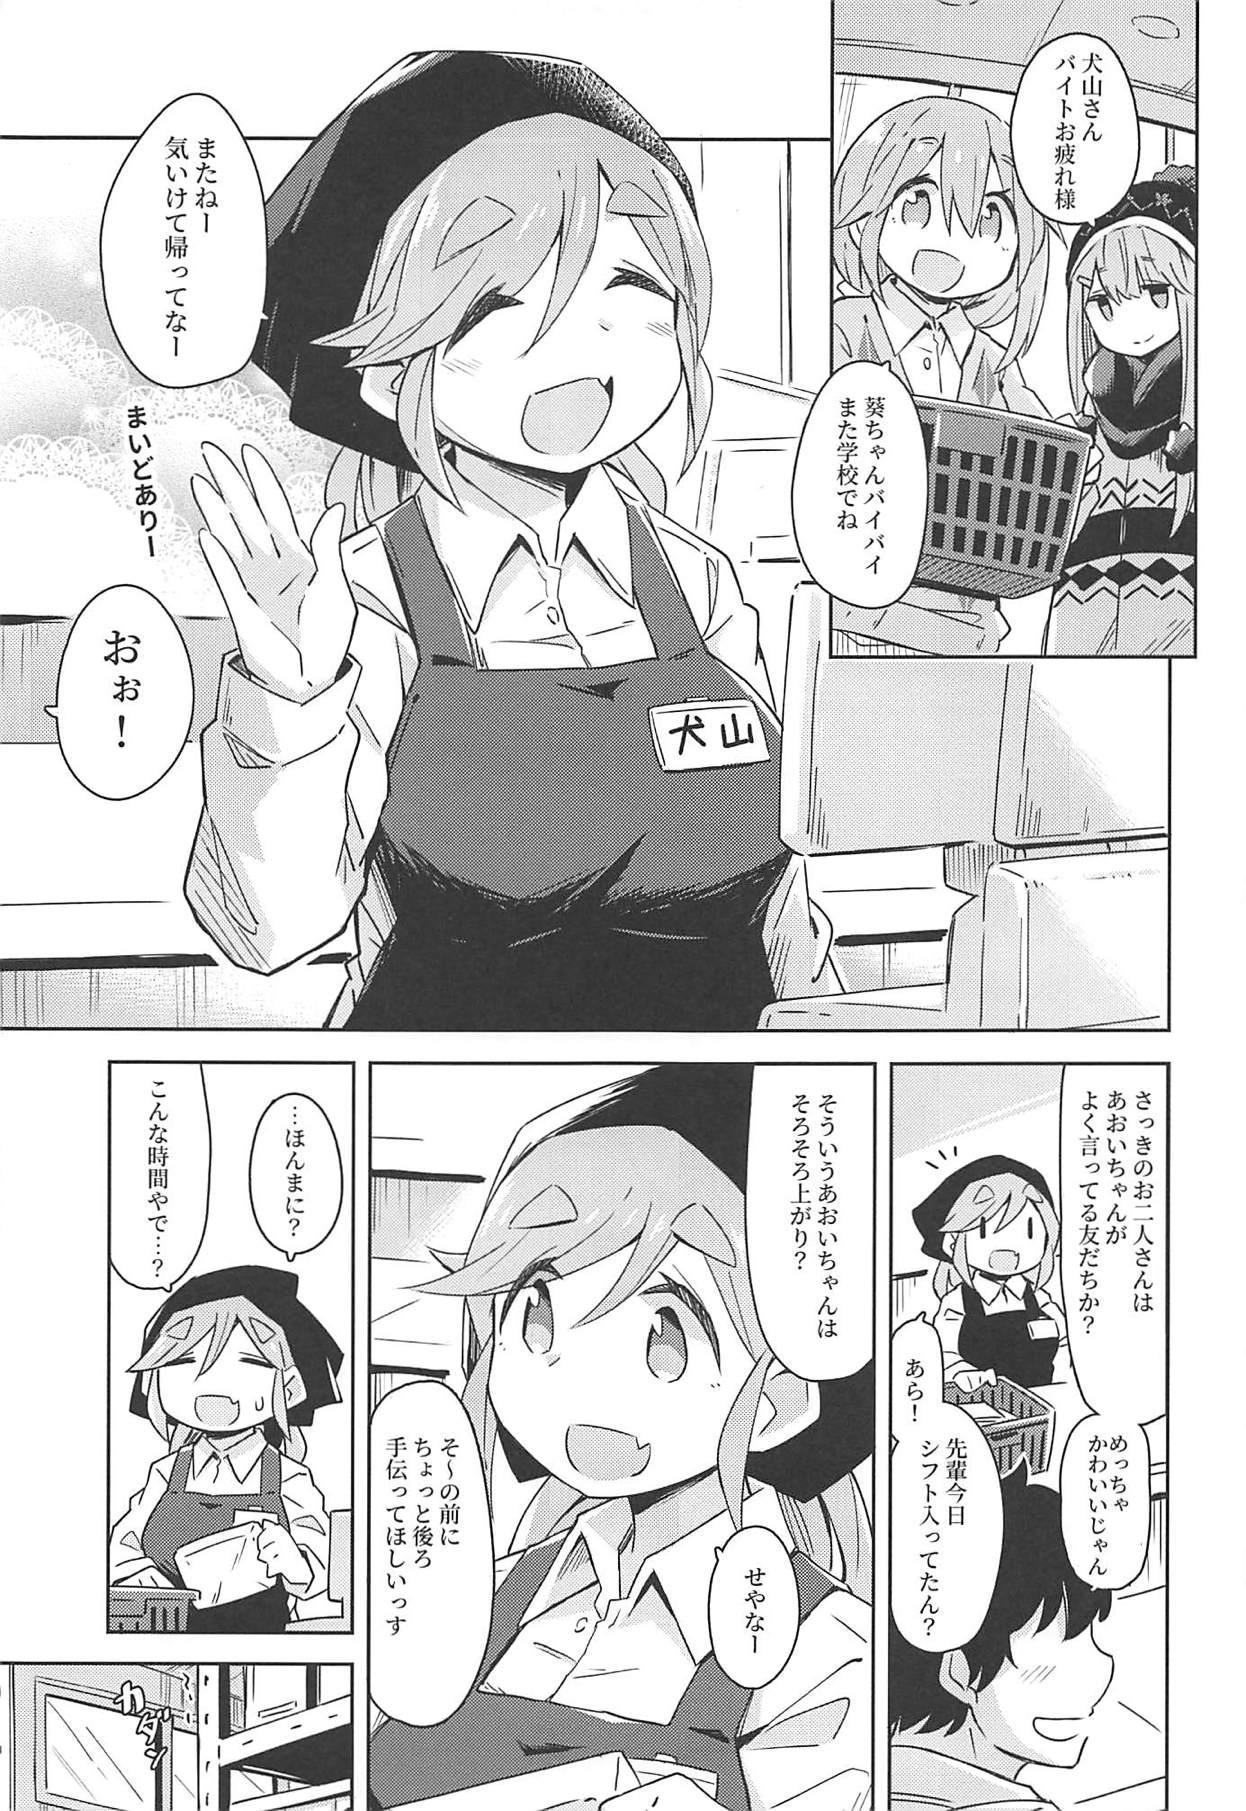 Tent-nai de Osarezu Yoku ni Mamireta Kokoro 1